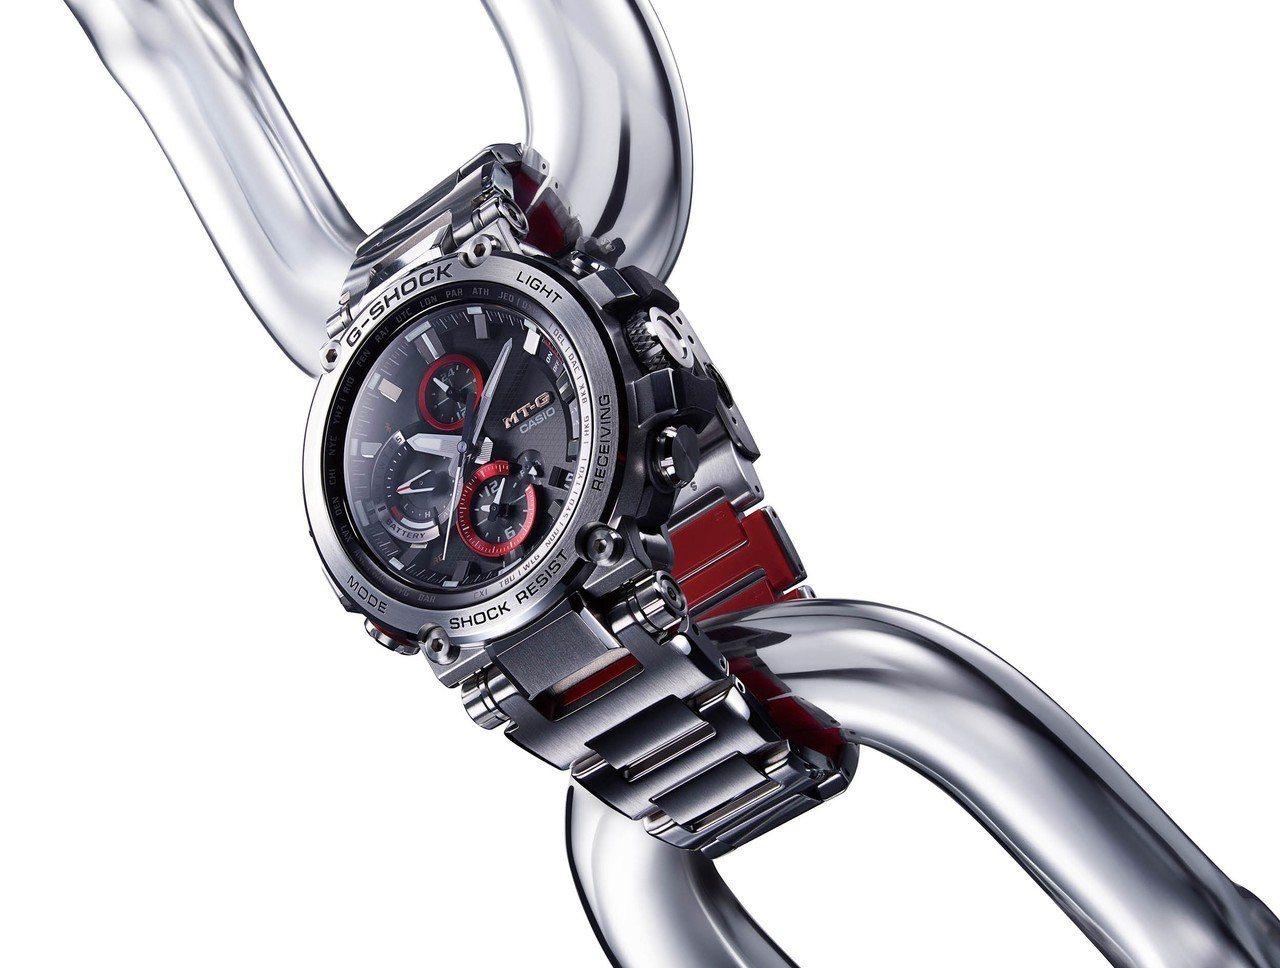 G-SHOCK MT-G系列B1000D-1A腕表,不鏽鋼表殼、表鍊,約25,5...